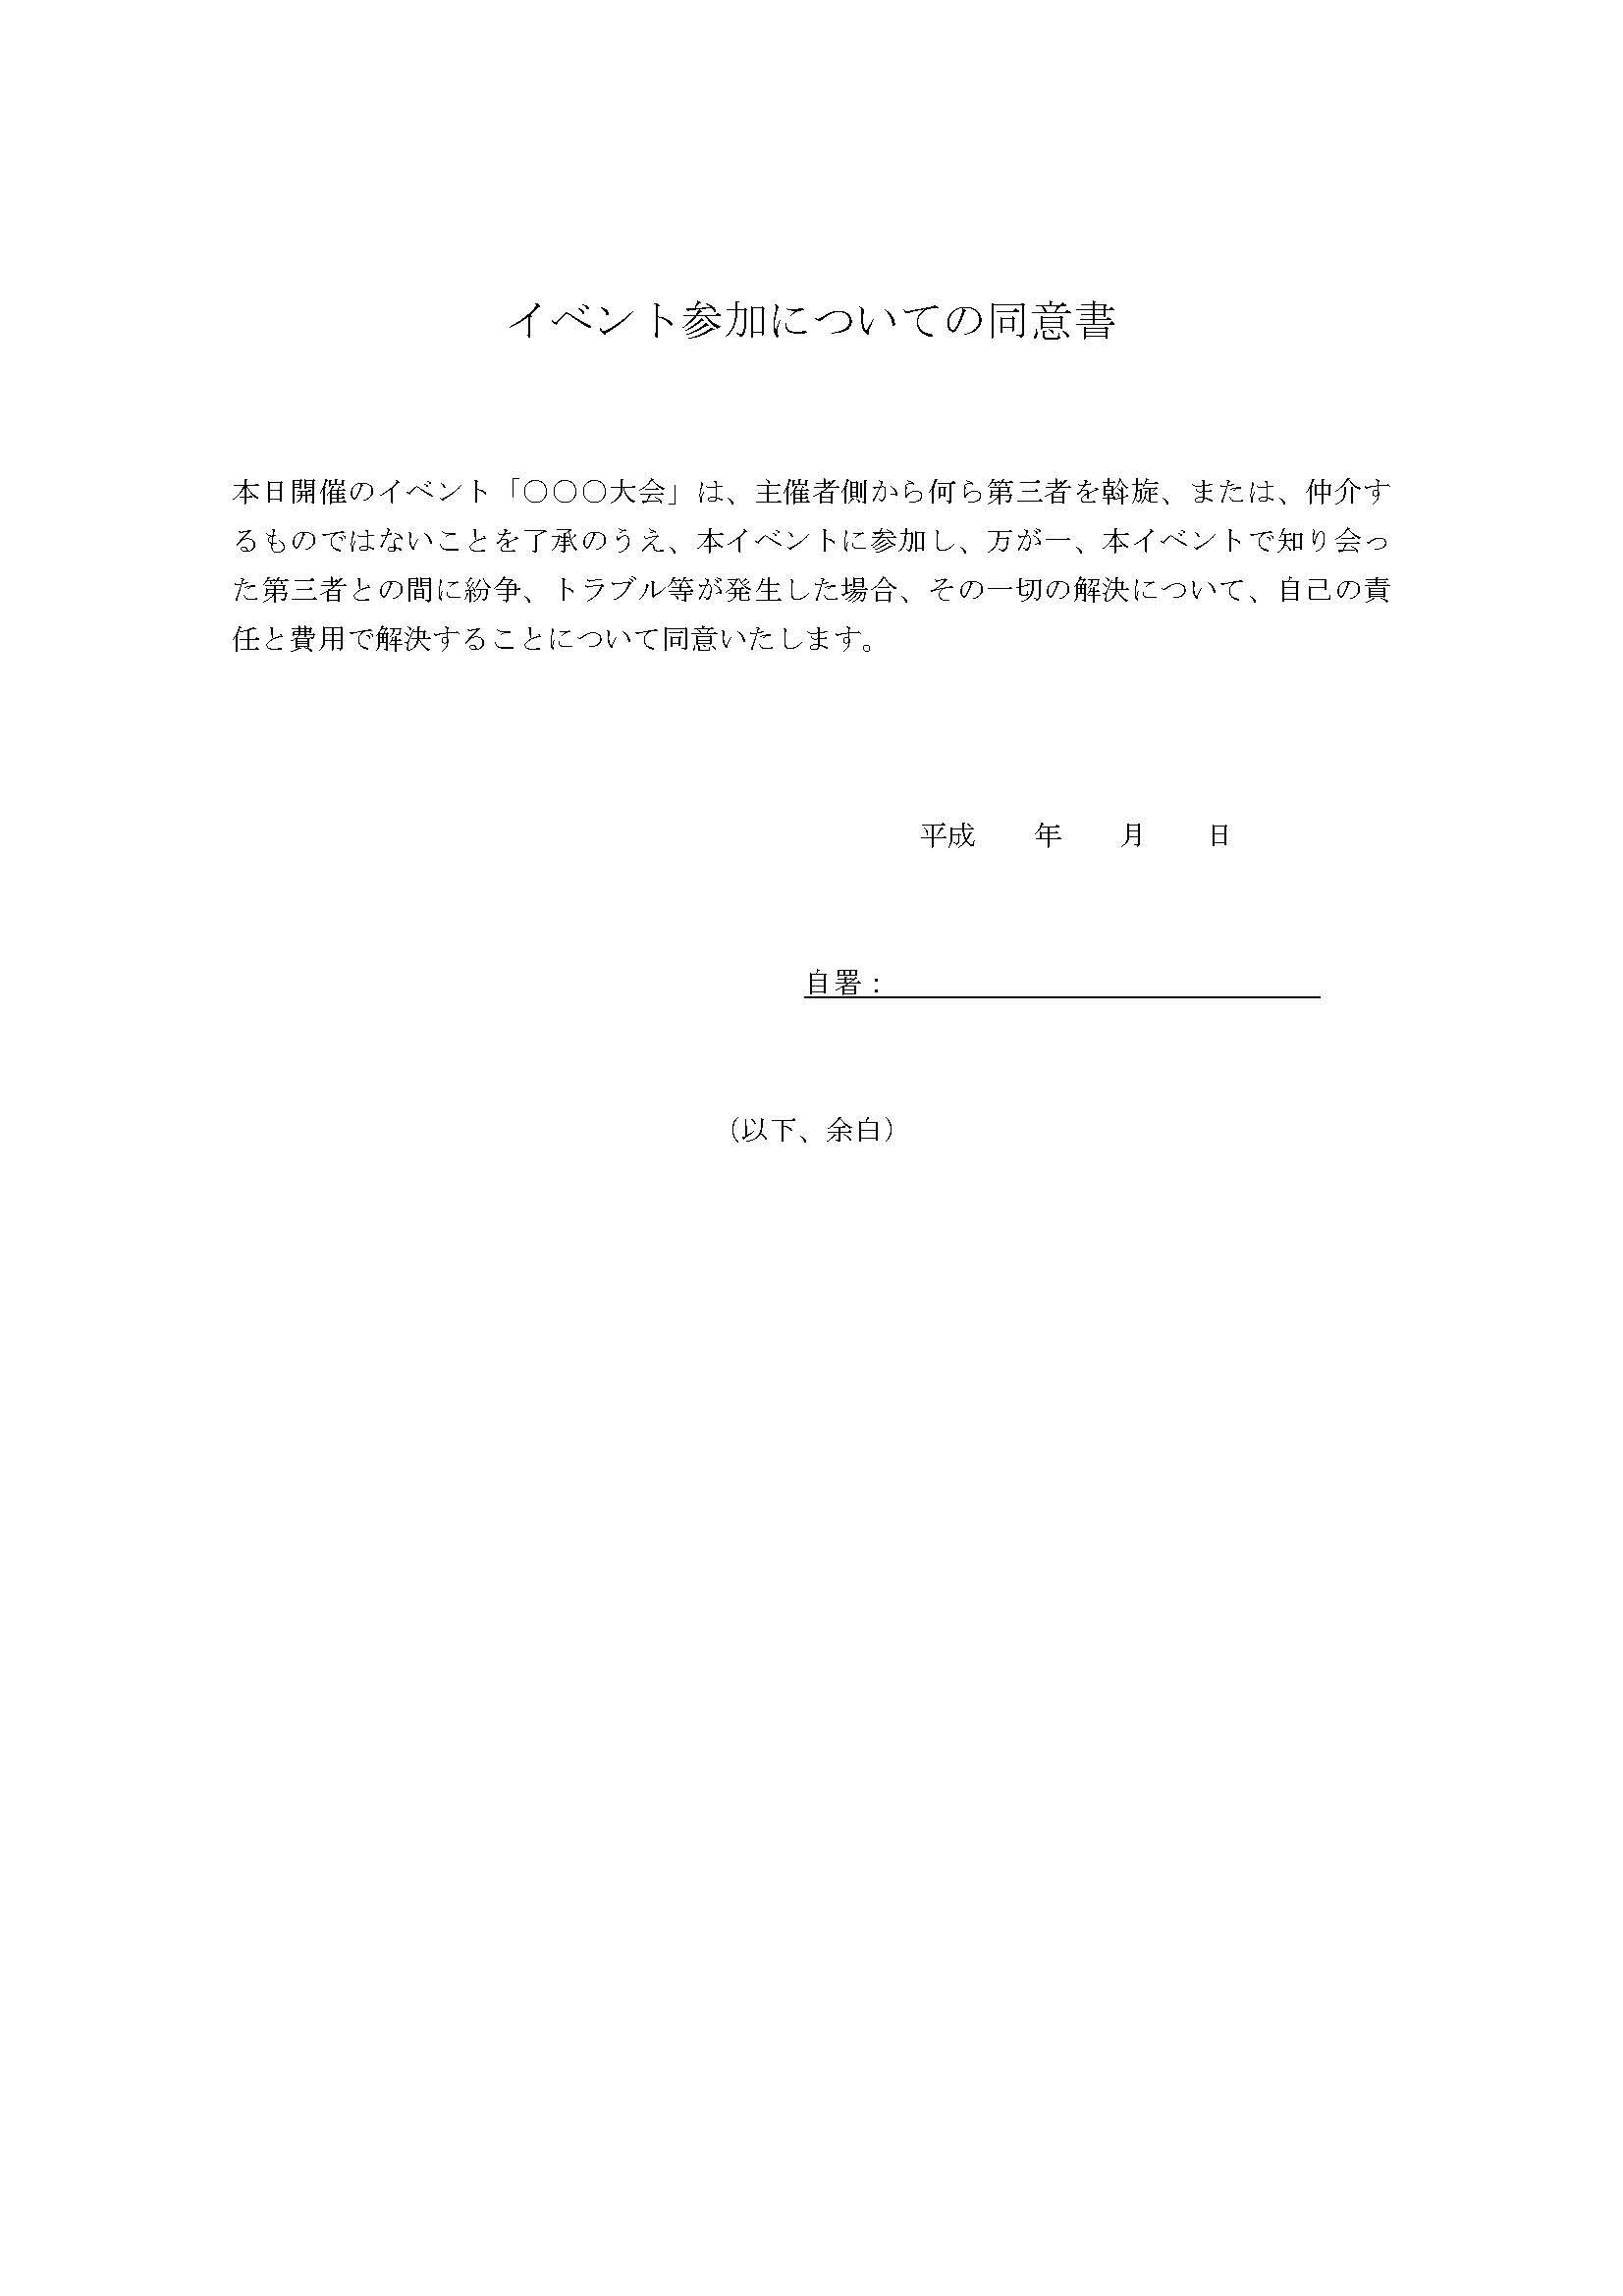 同意書(イベント参加について)